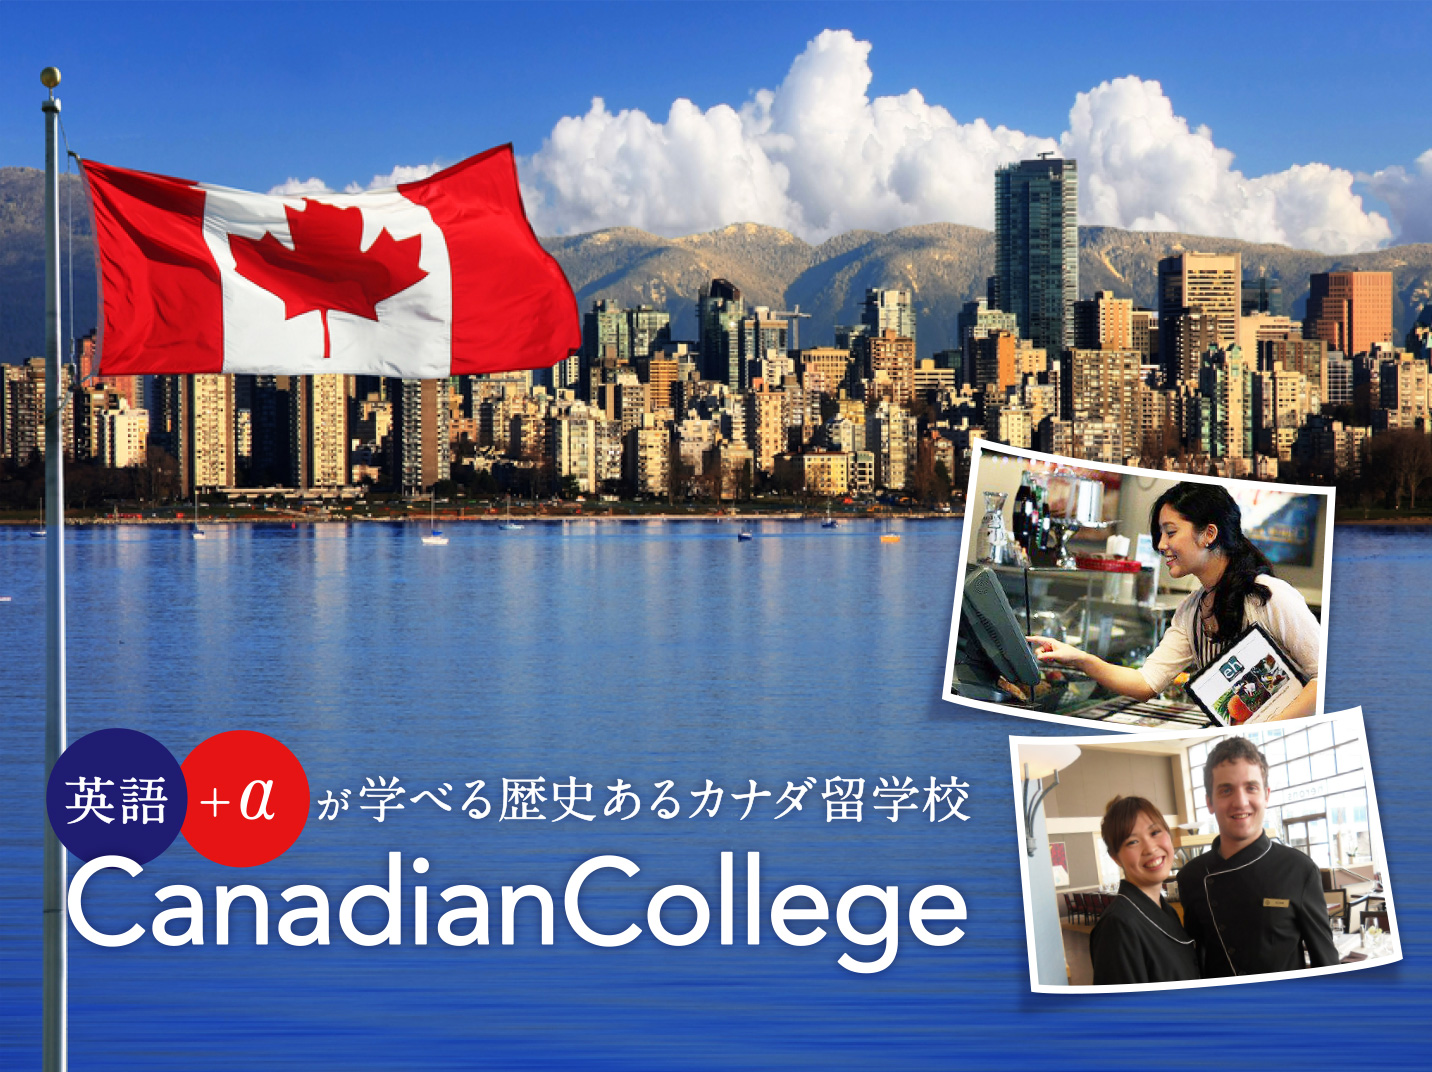 英語+αが学べる老舗のカナダ留学校